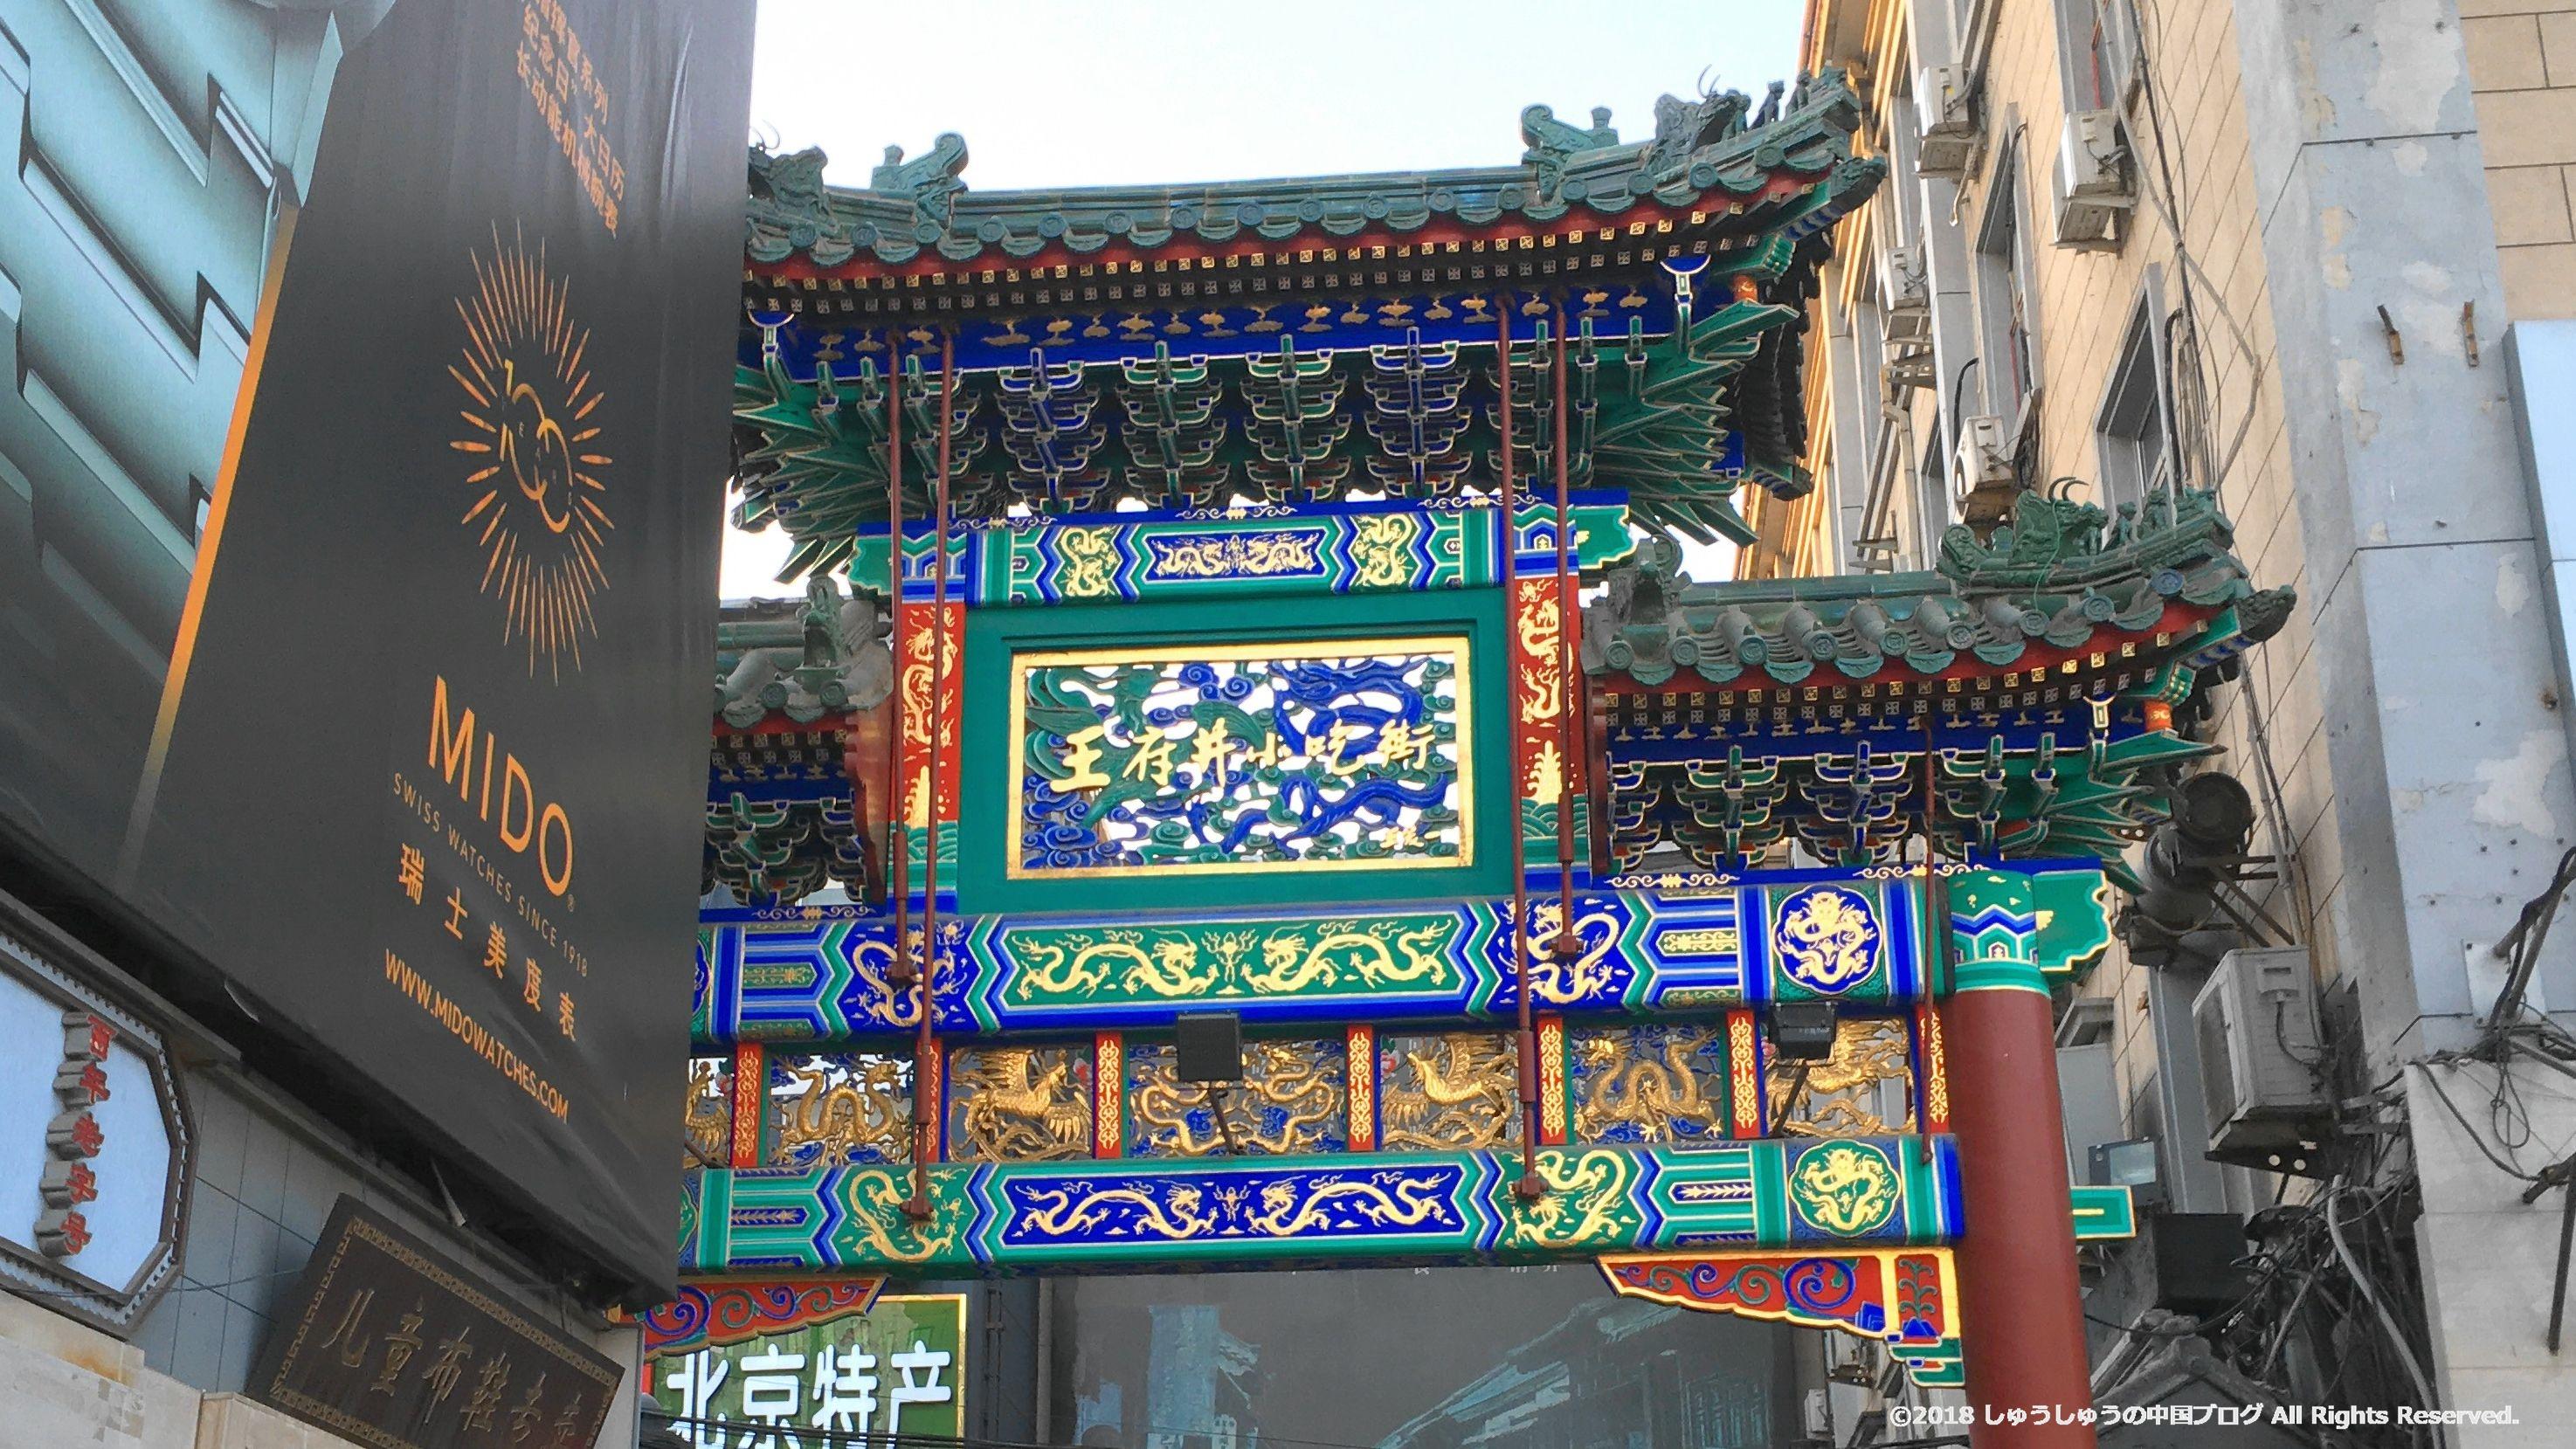 王府井小吃街の入り口